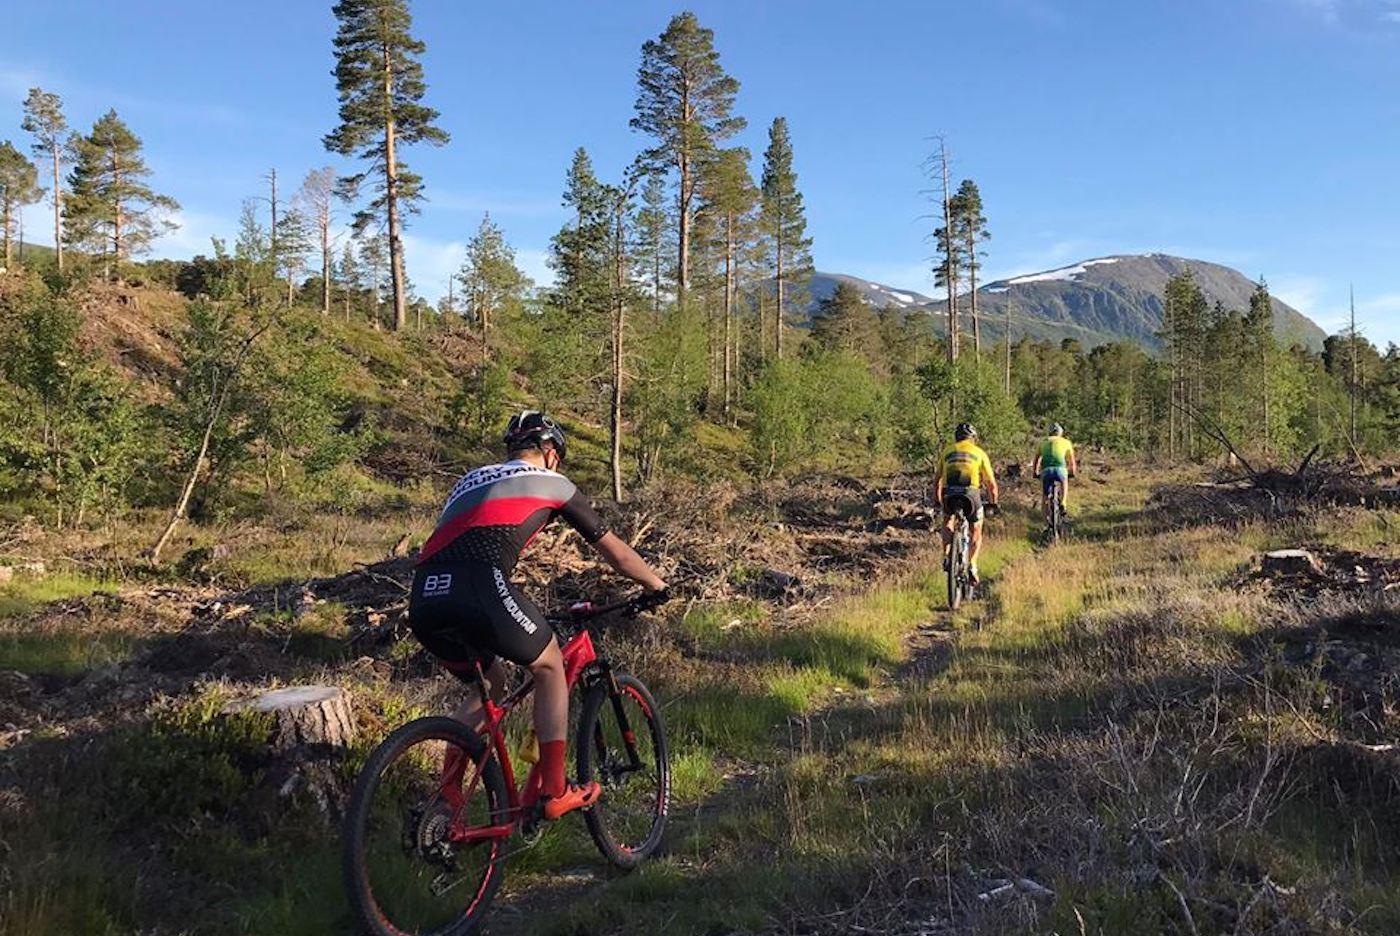 Sykkelenern legger om profilen